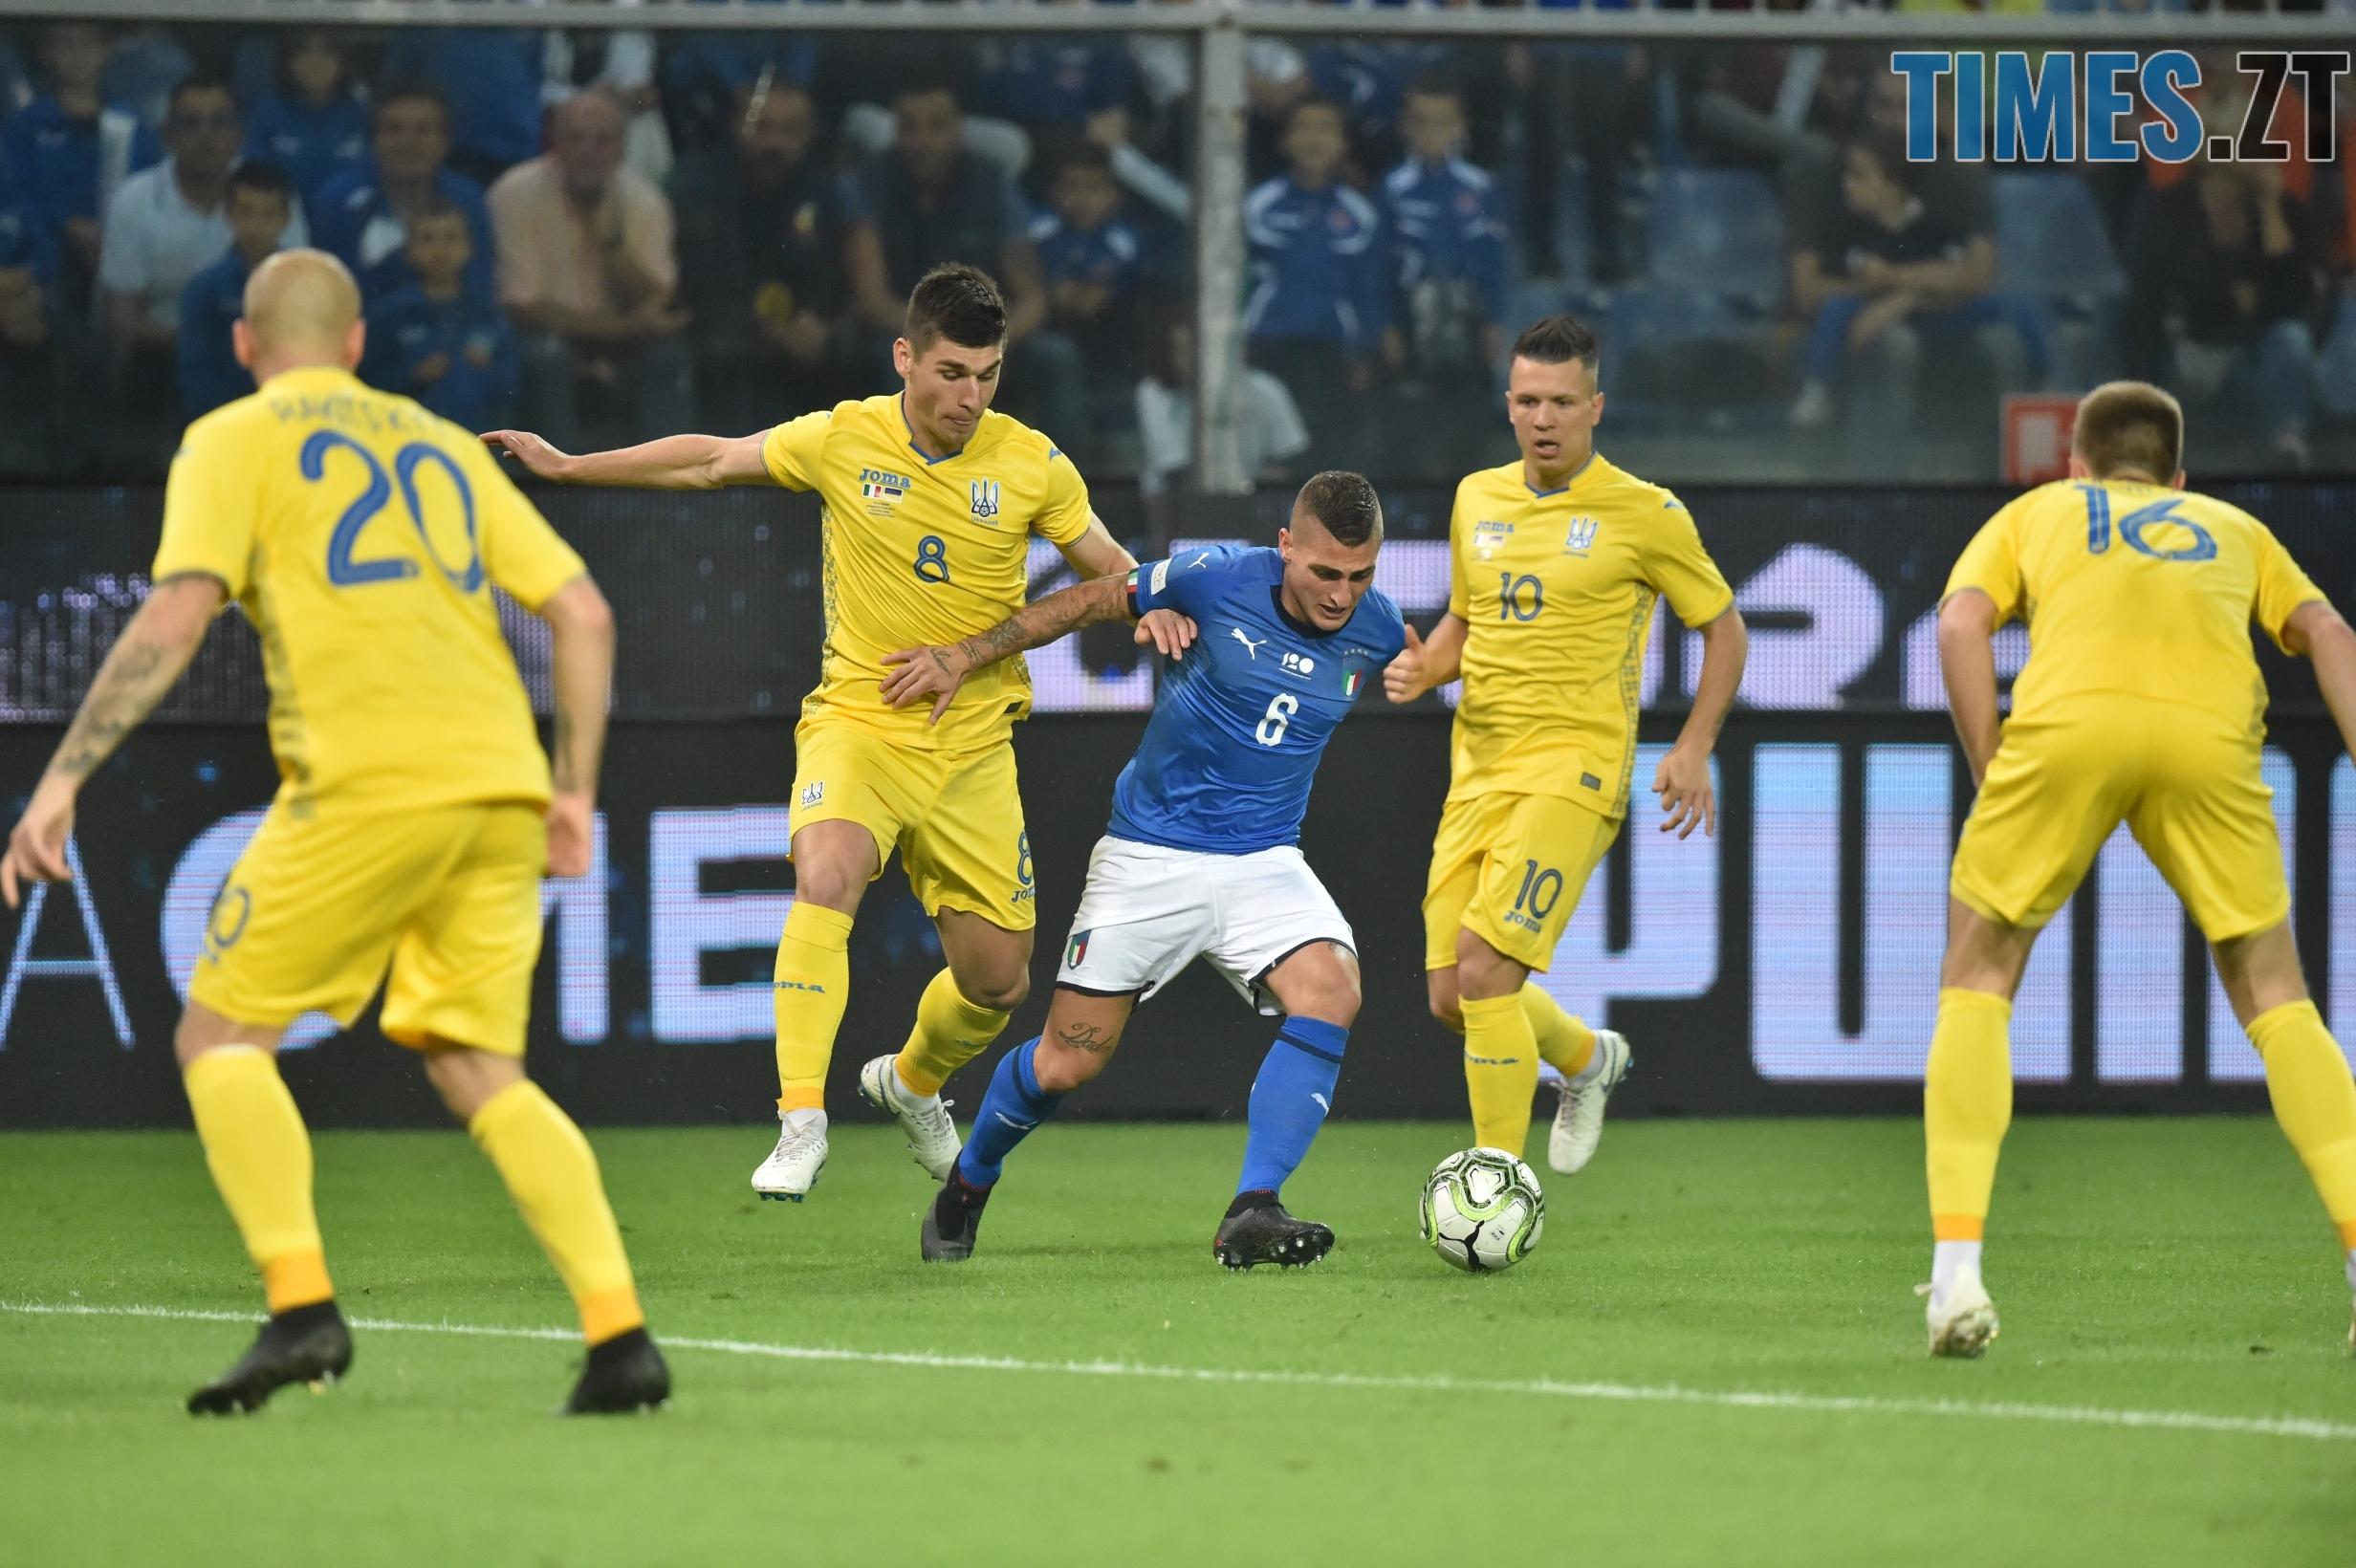 україна 1 - Дебютний гол: завдяки грі житомирянина збірна України зіграла внічию з італійцями